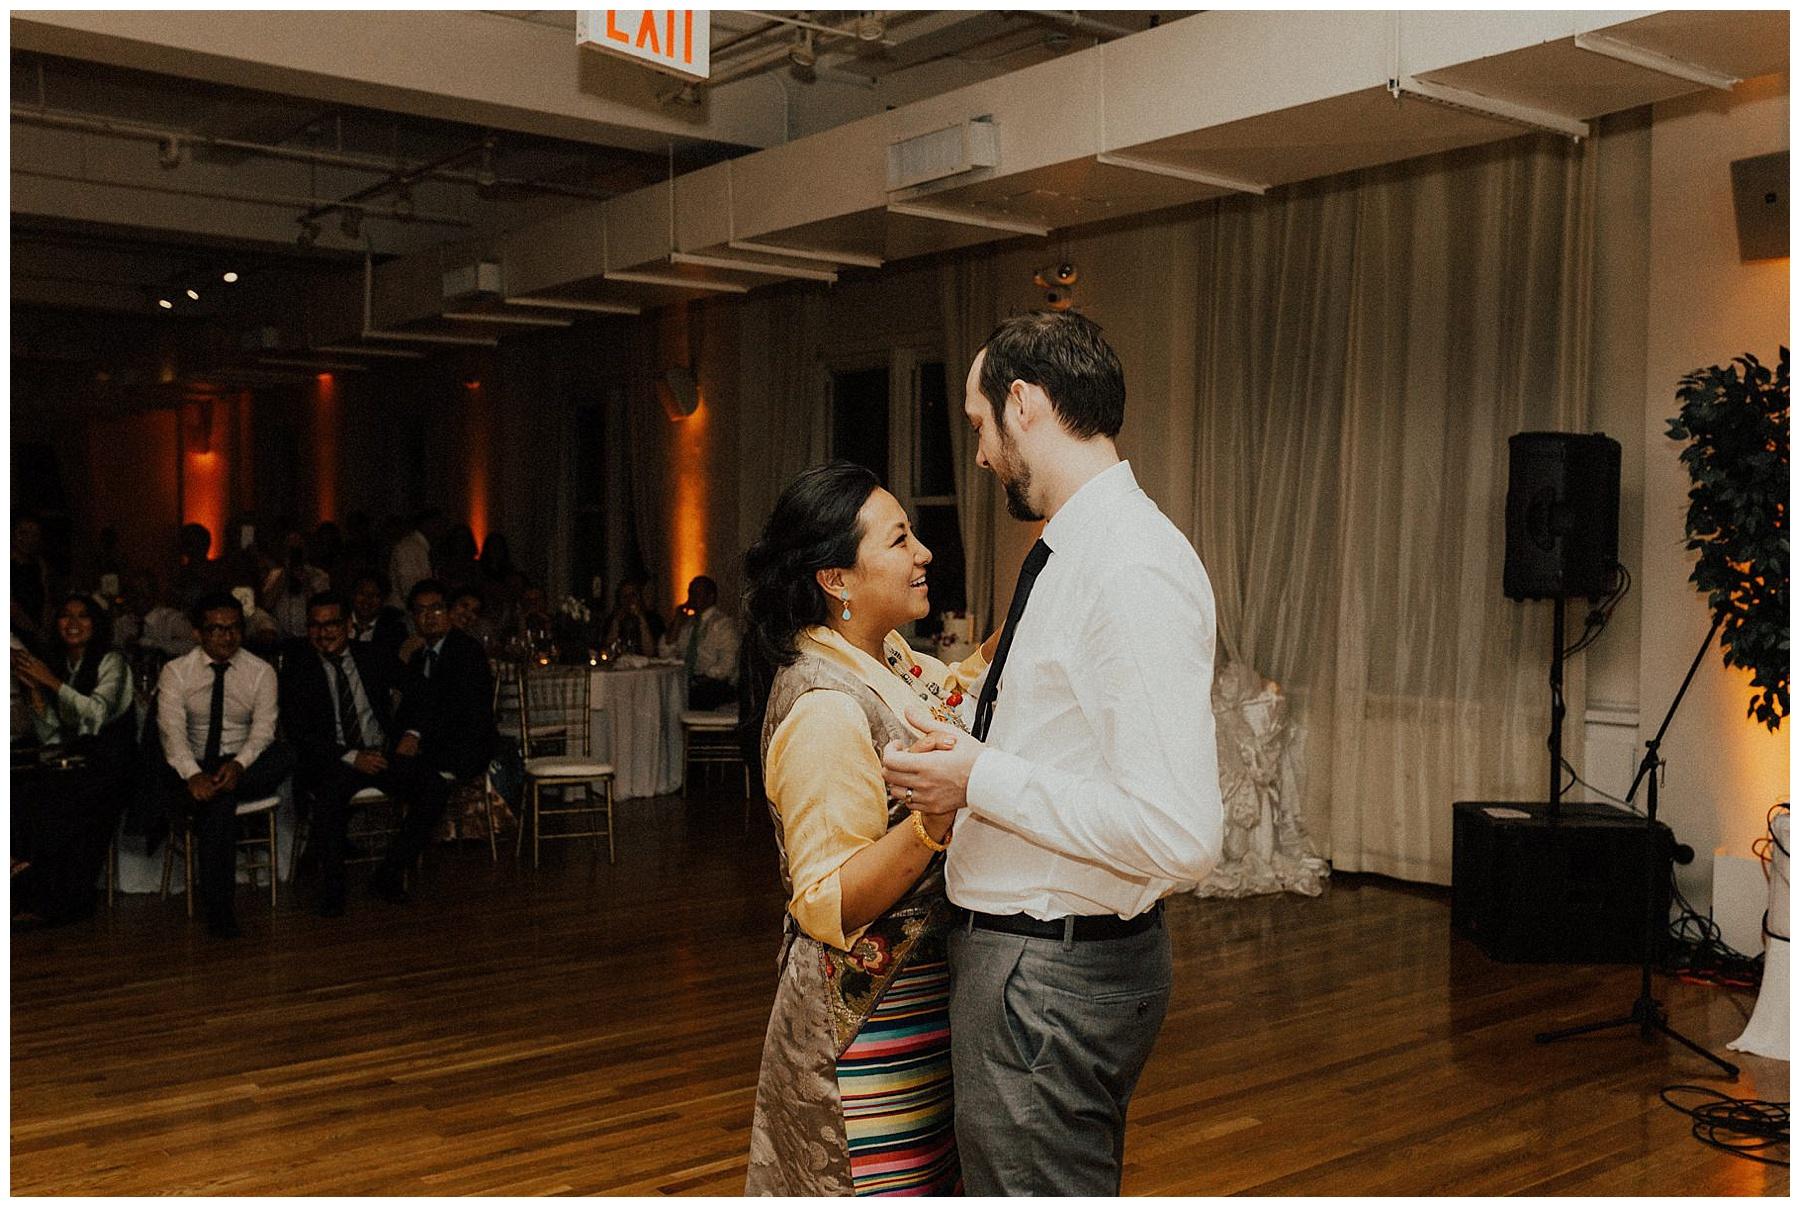 New York City Wedding New York City Wedding Photographer-32.jpg